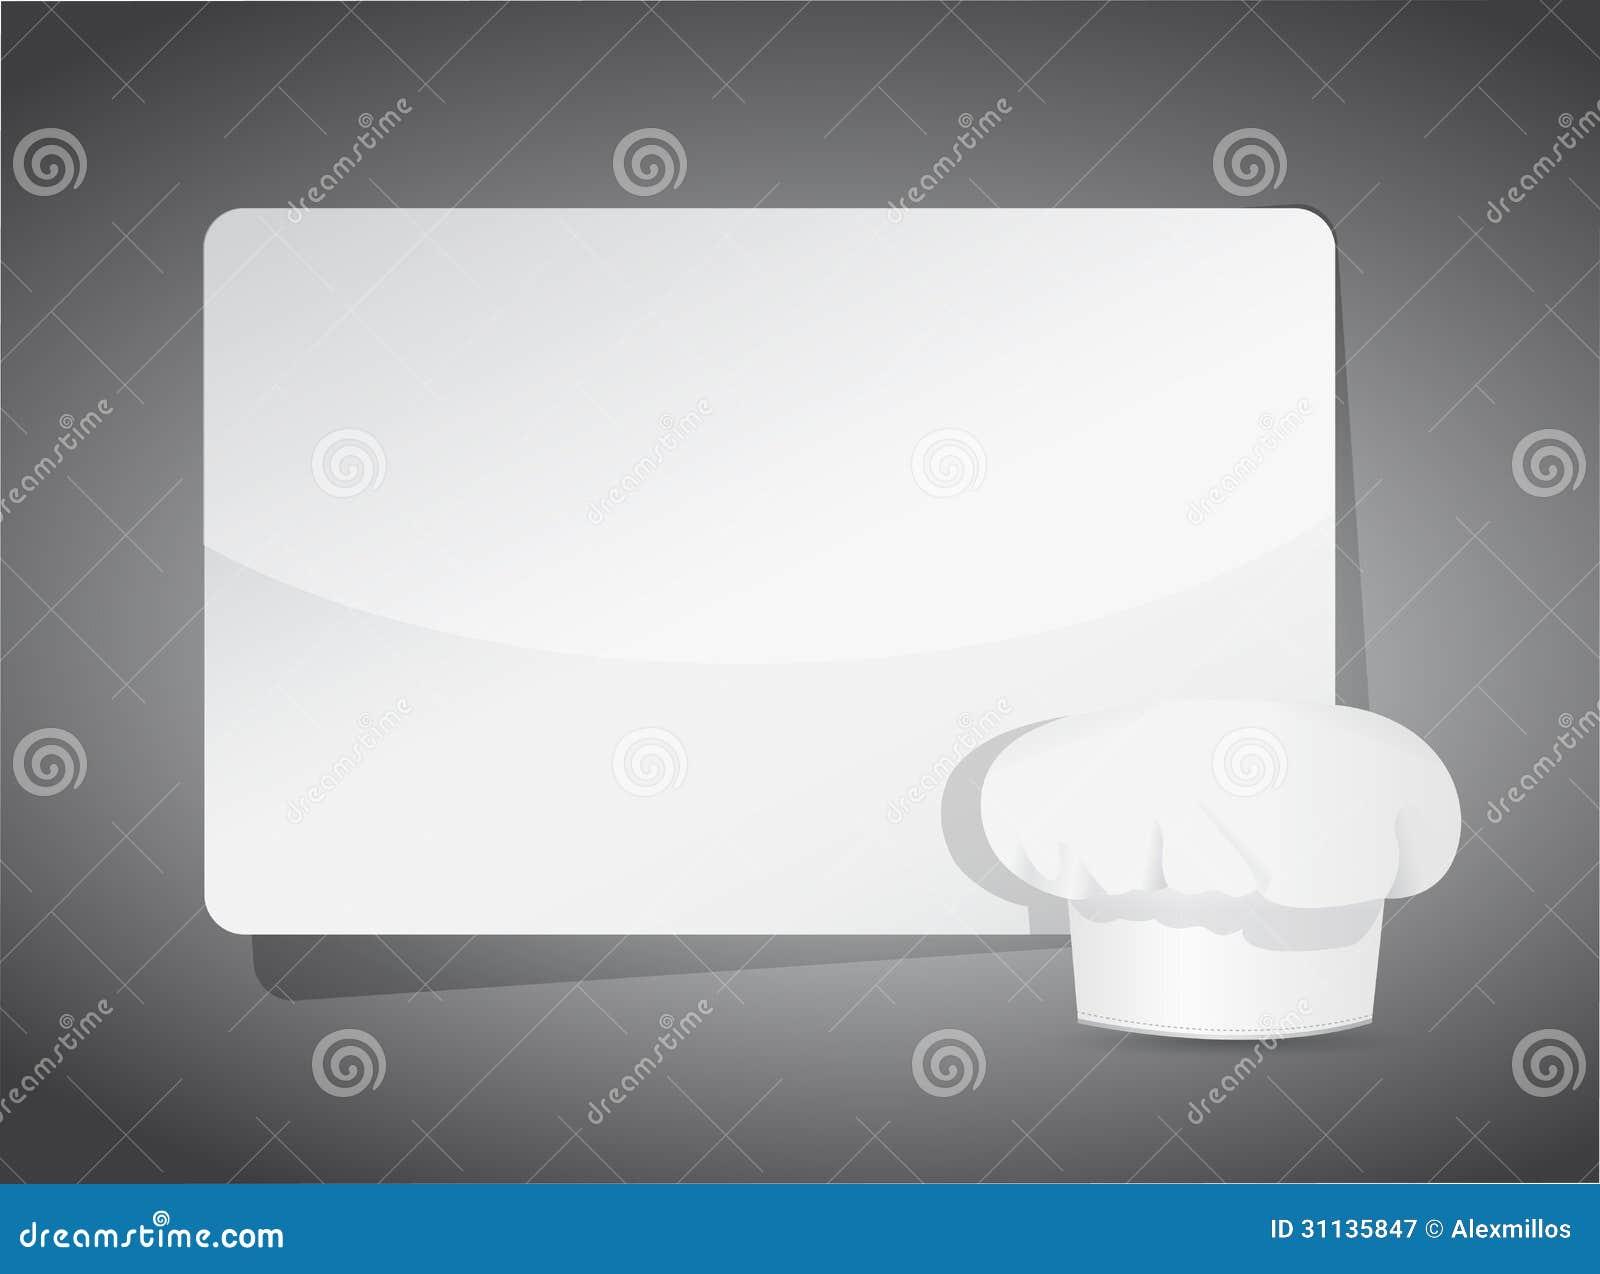 recipe paper template